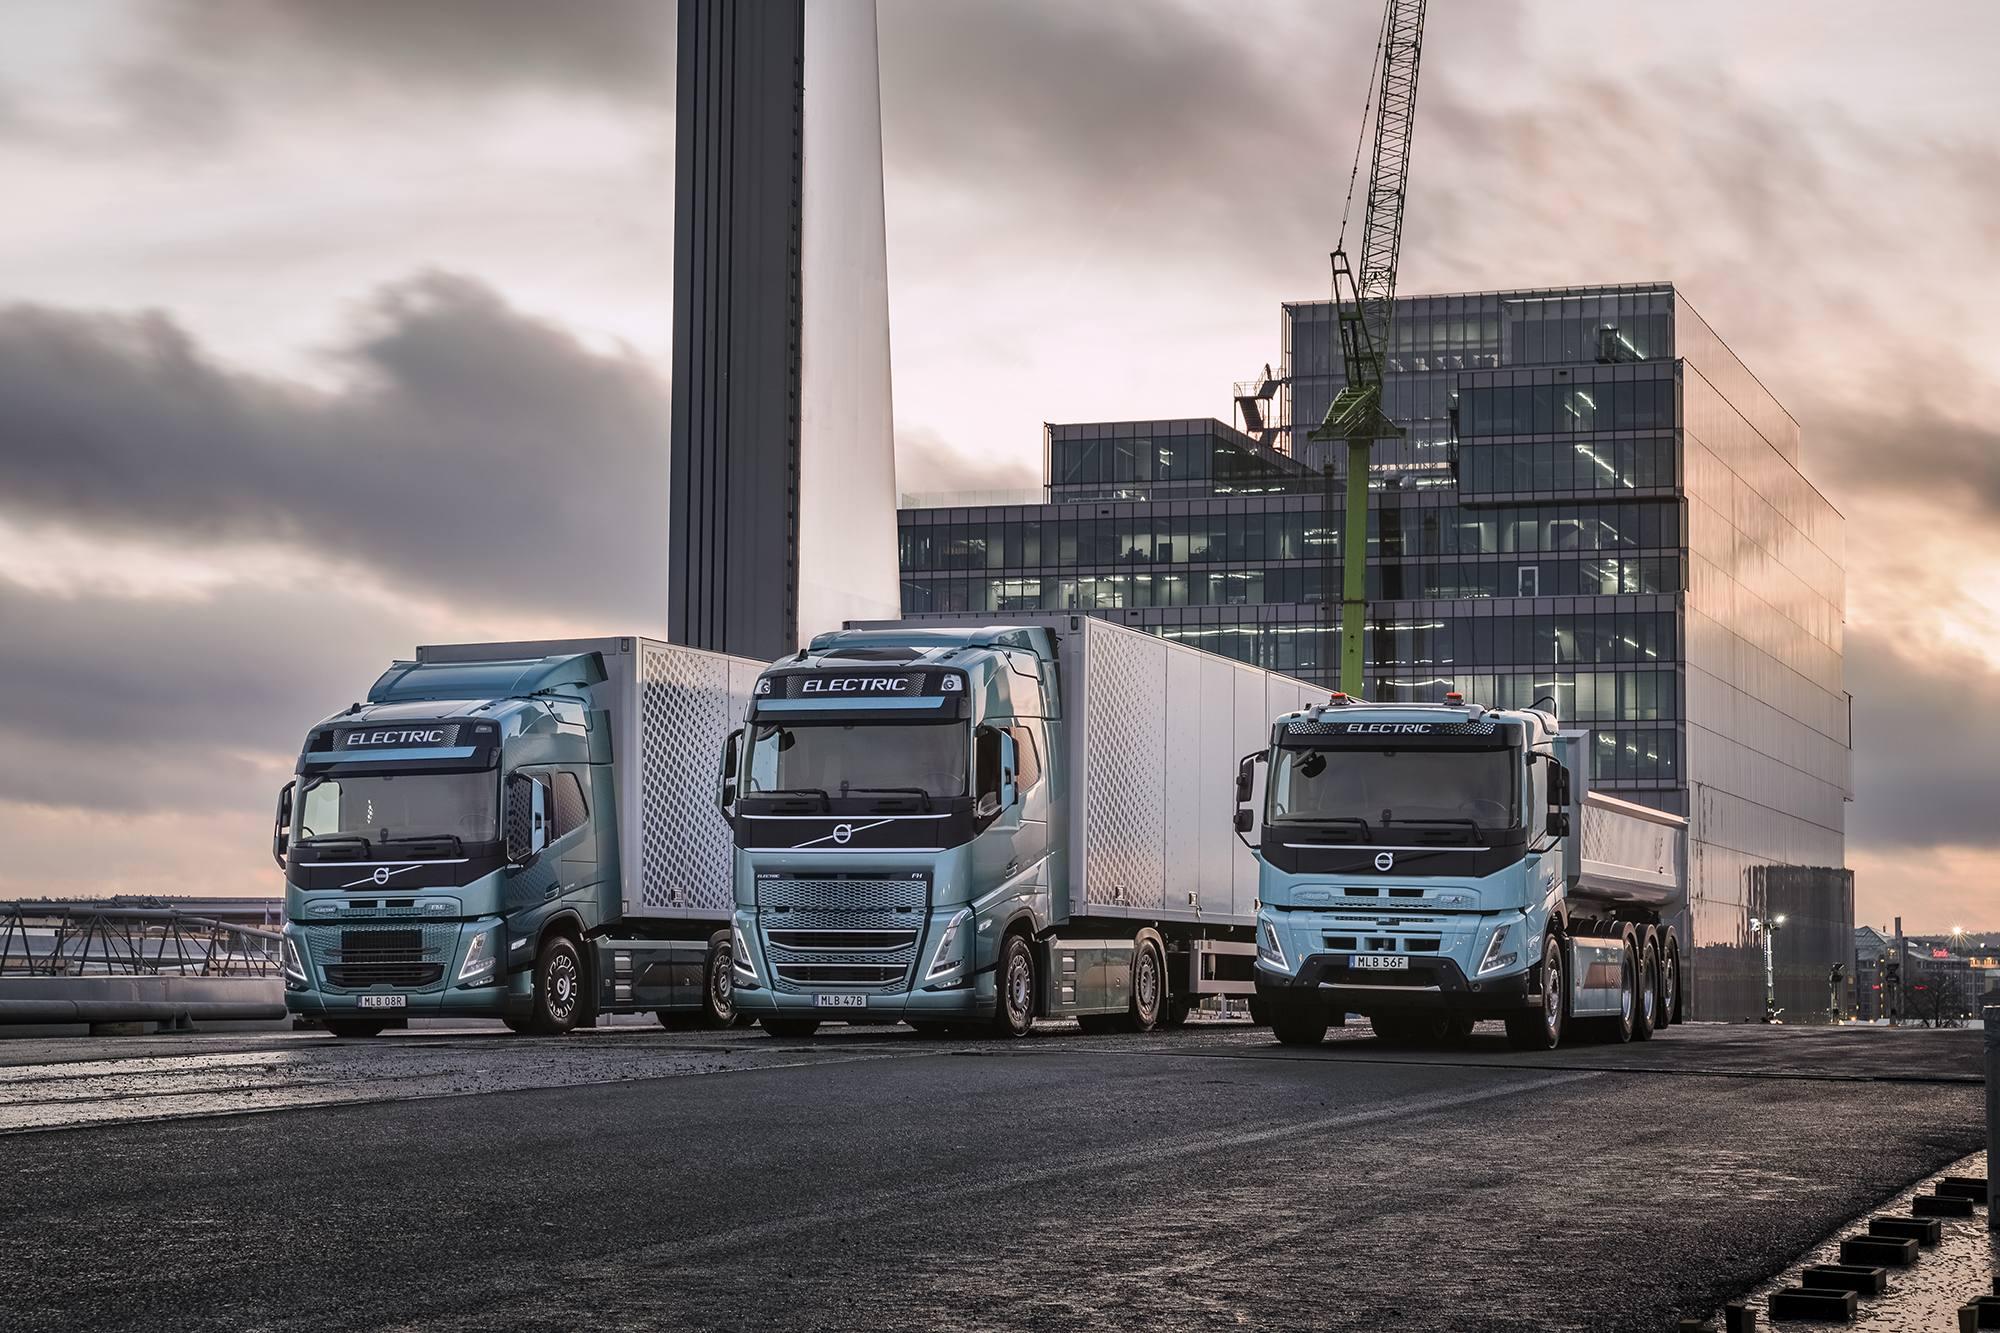 Volvo Trucks está listo para utilizar la energía eléctrica en una parte importante del transporte de mercancías